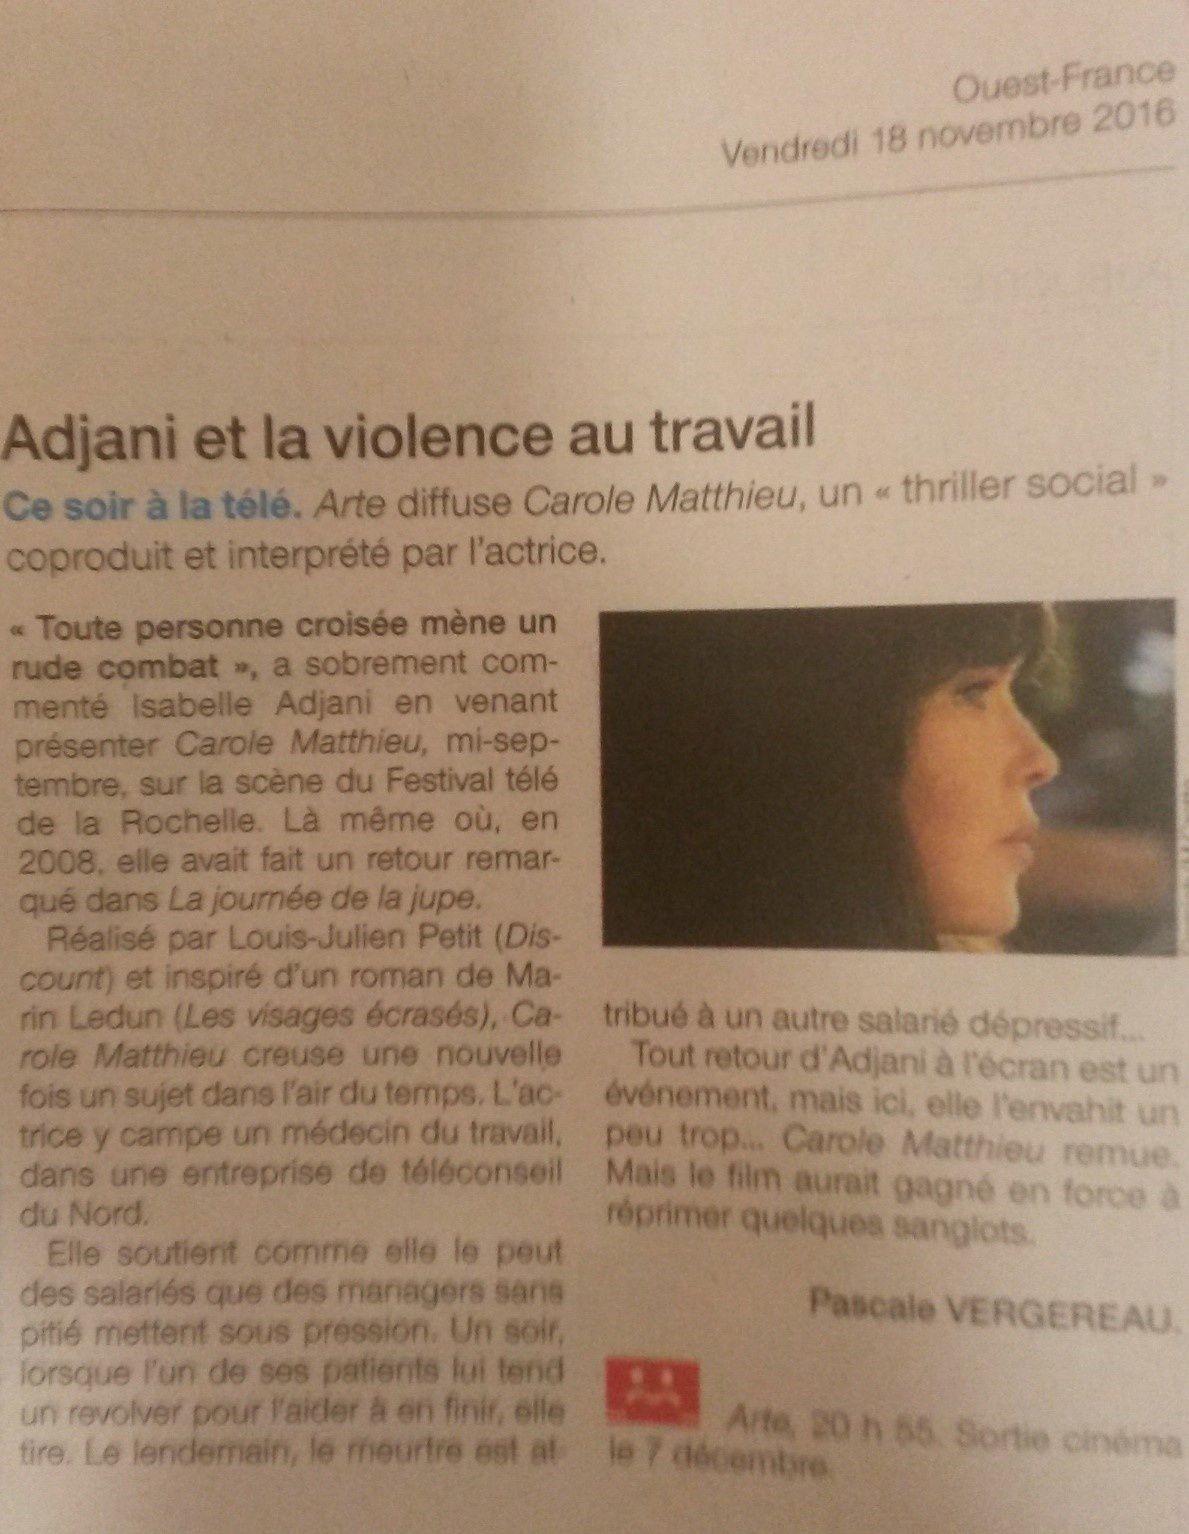 copie des deux articles Ouest France du 18/11/2016